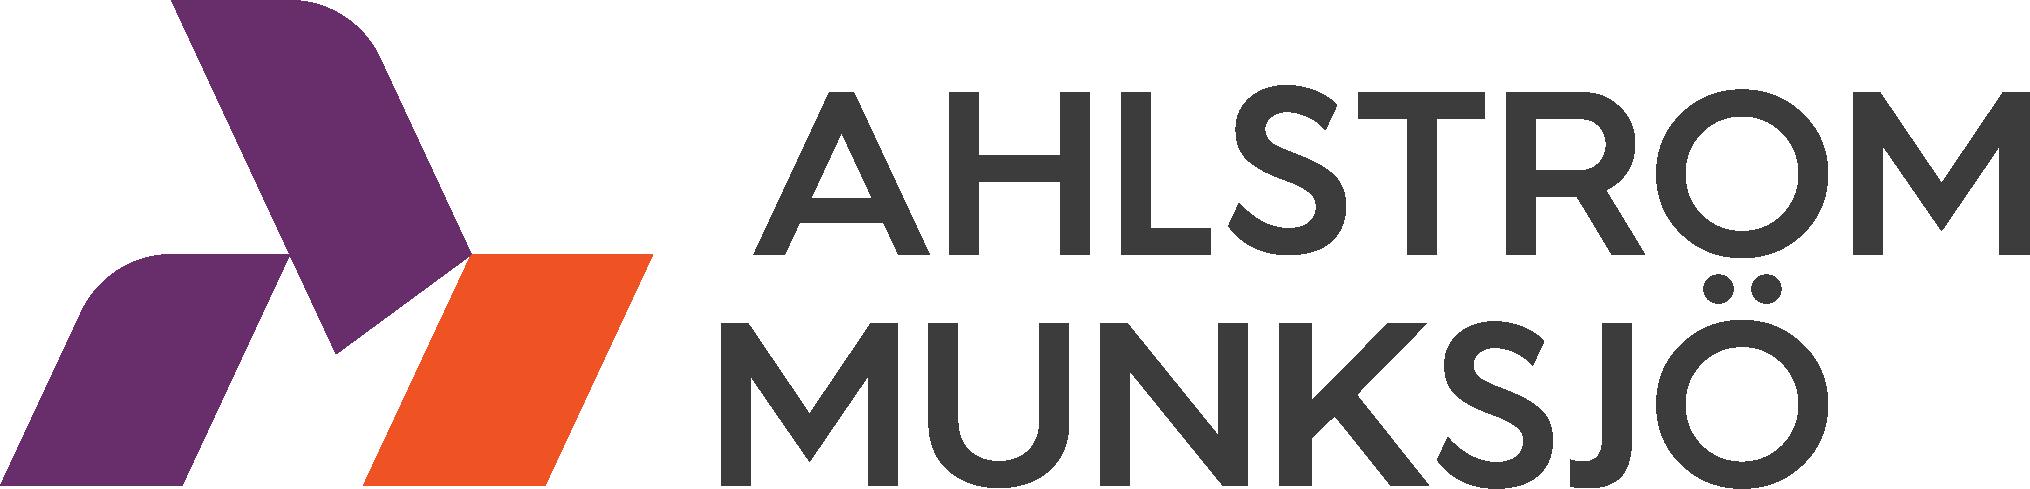 ahlstrom_munksjo_logo_primary_rgb